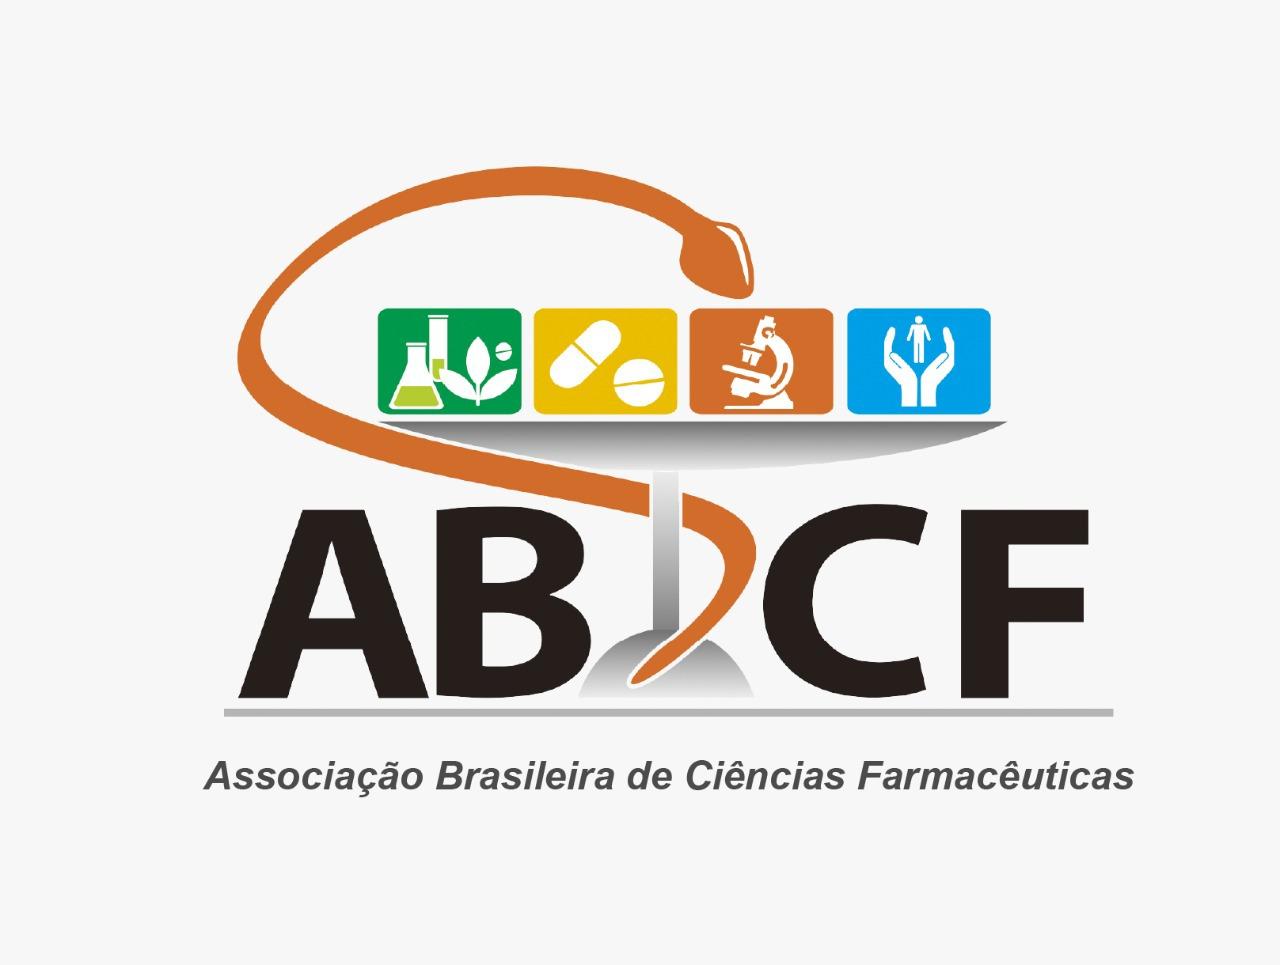 Associação Brasileira de Ciências Farmacêuticas divulga manifesto solicitando revogação de portarias da CAPES